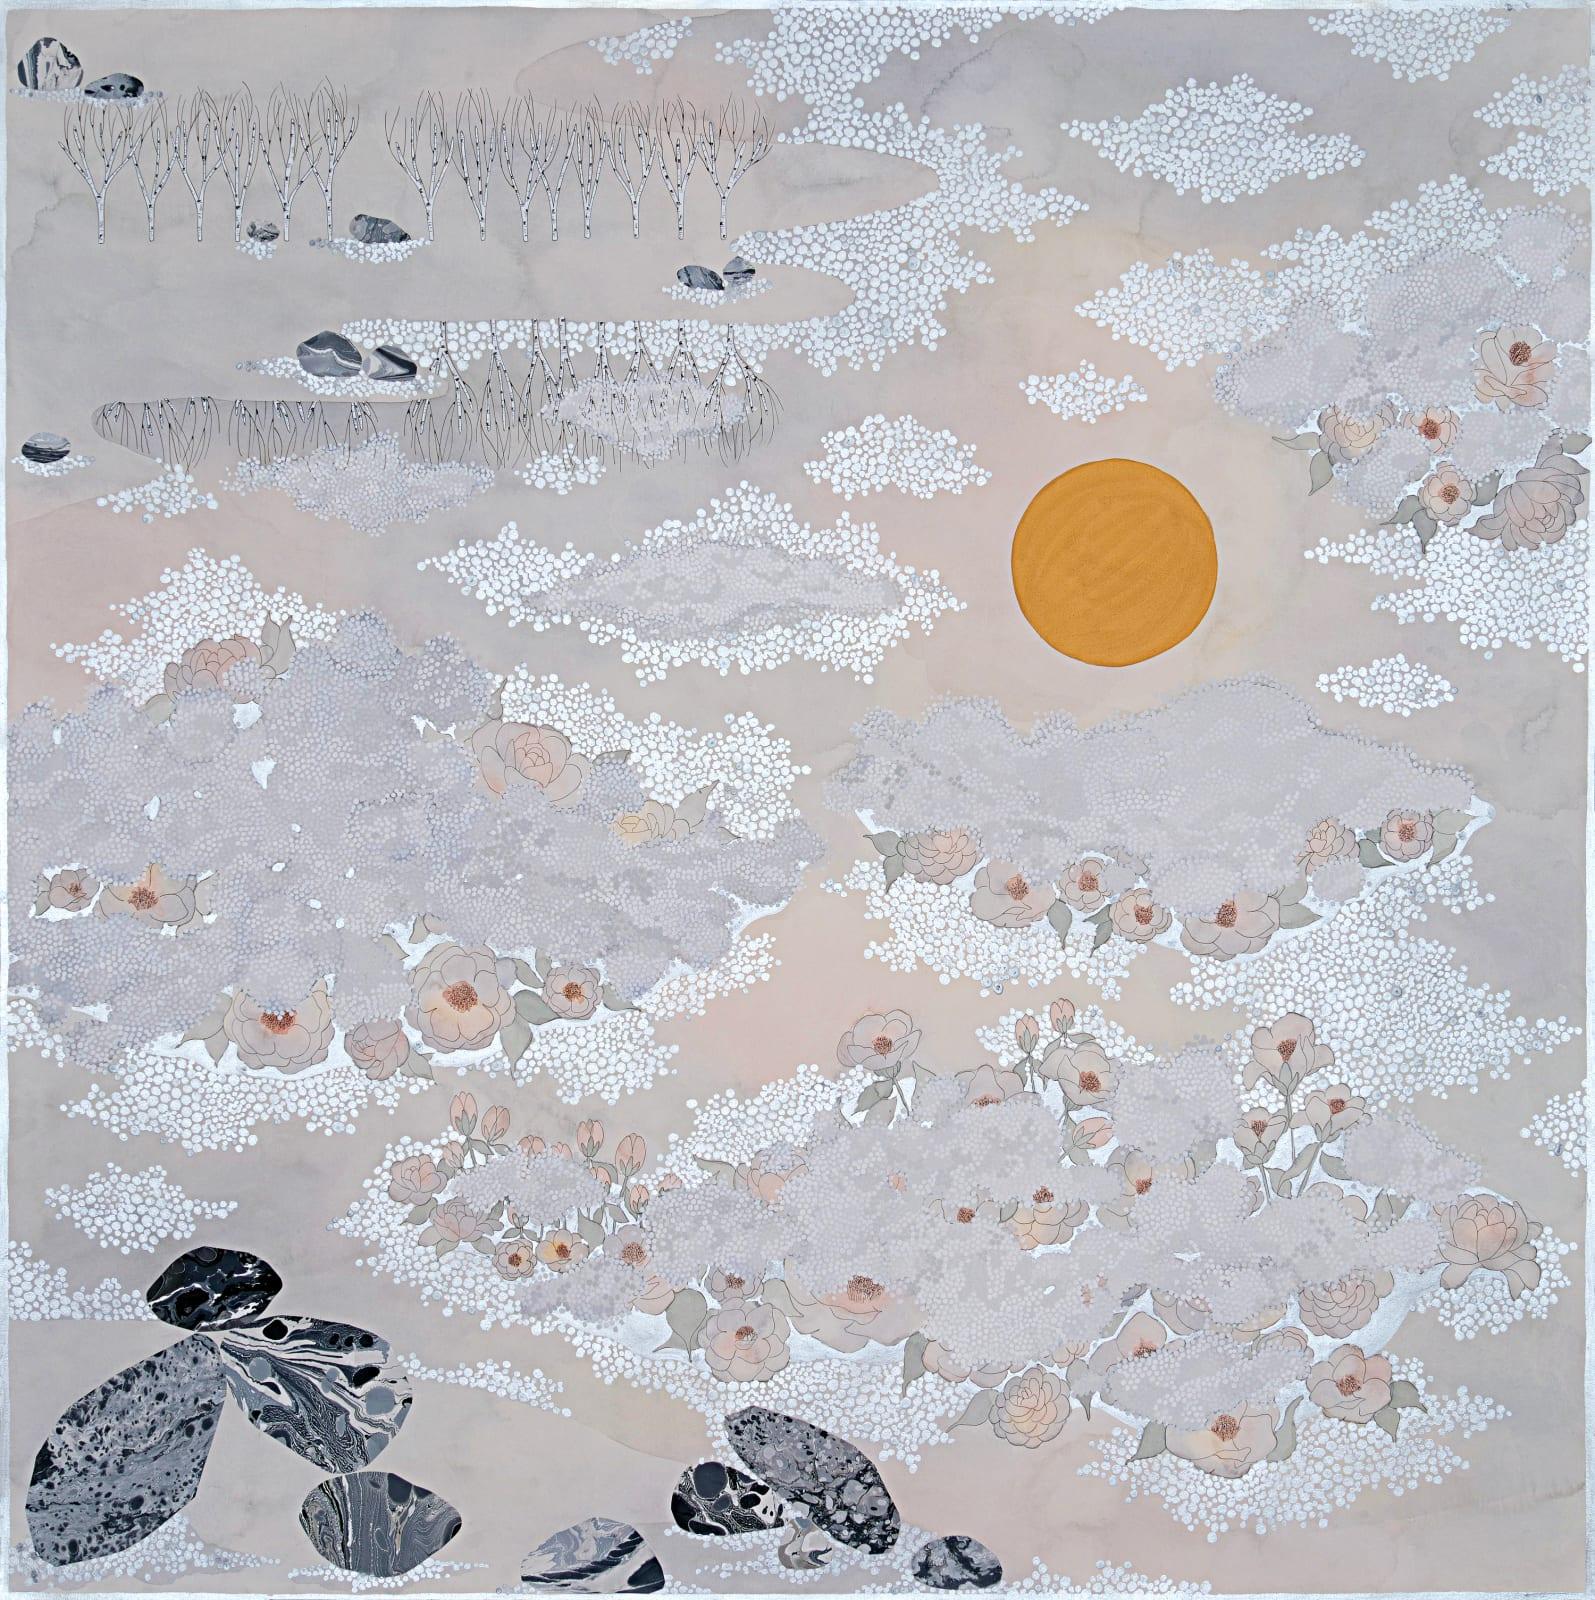 Crystal Liu, the fog, 'into the night, II', 2019